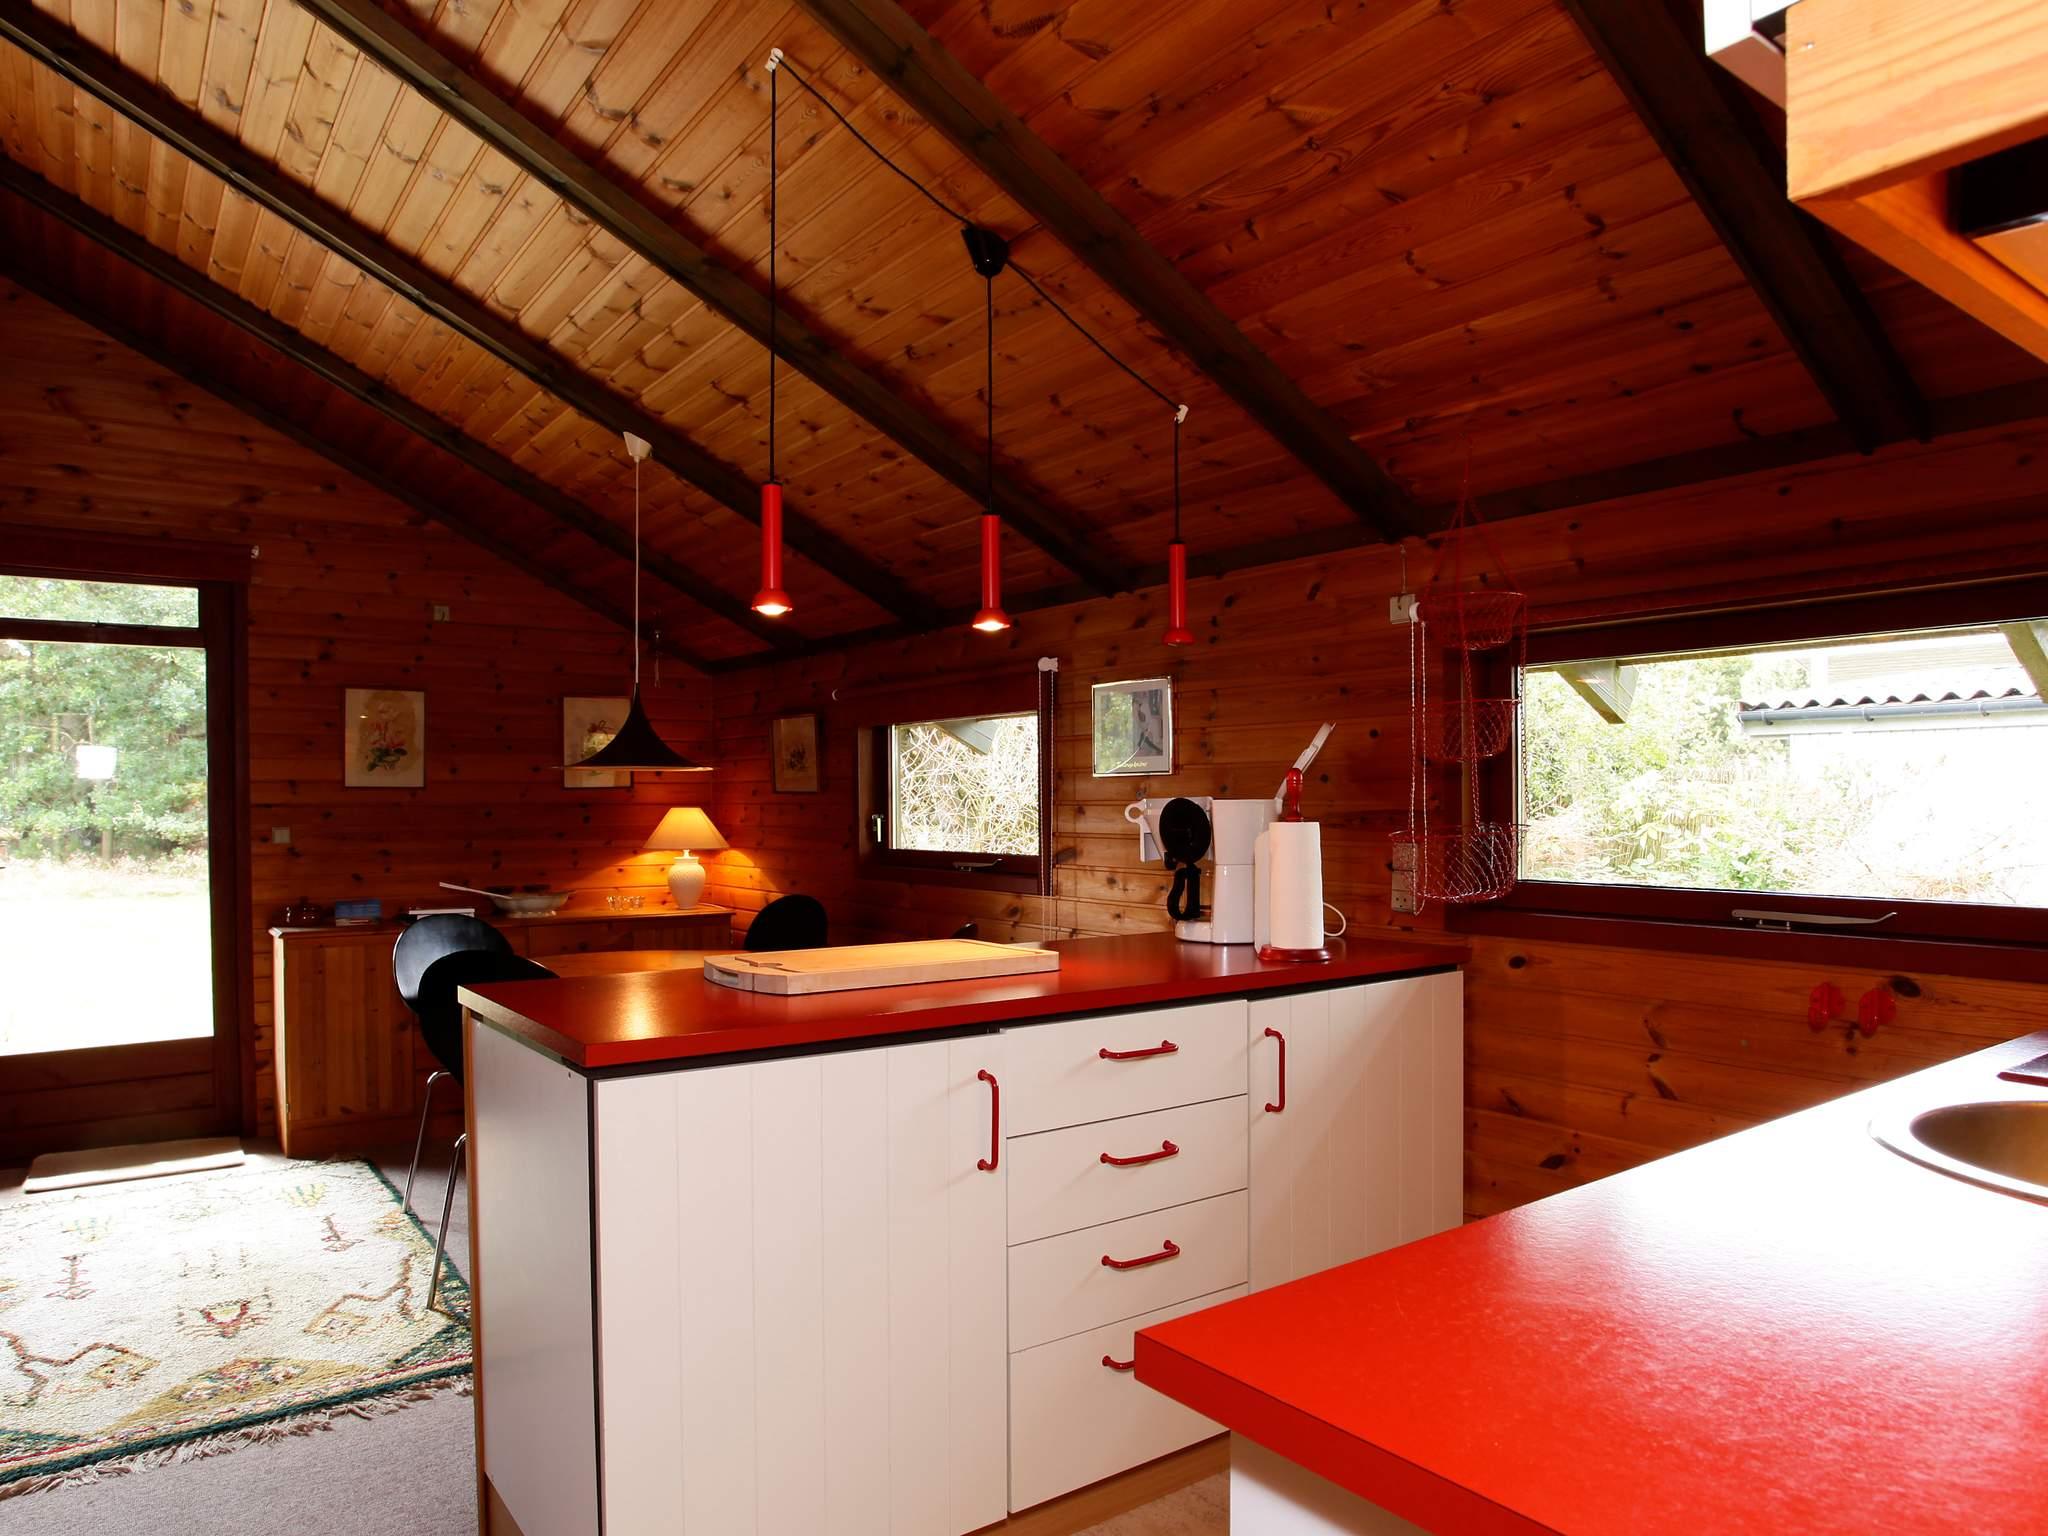 Ferienhaus Marielyst (86769), Marielyst, , Falster, Dänemark, Bild 4